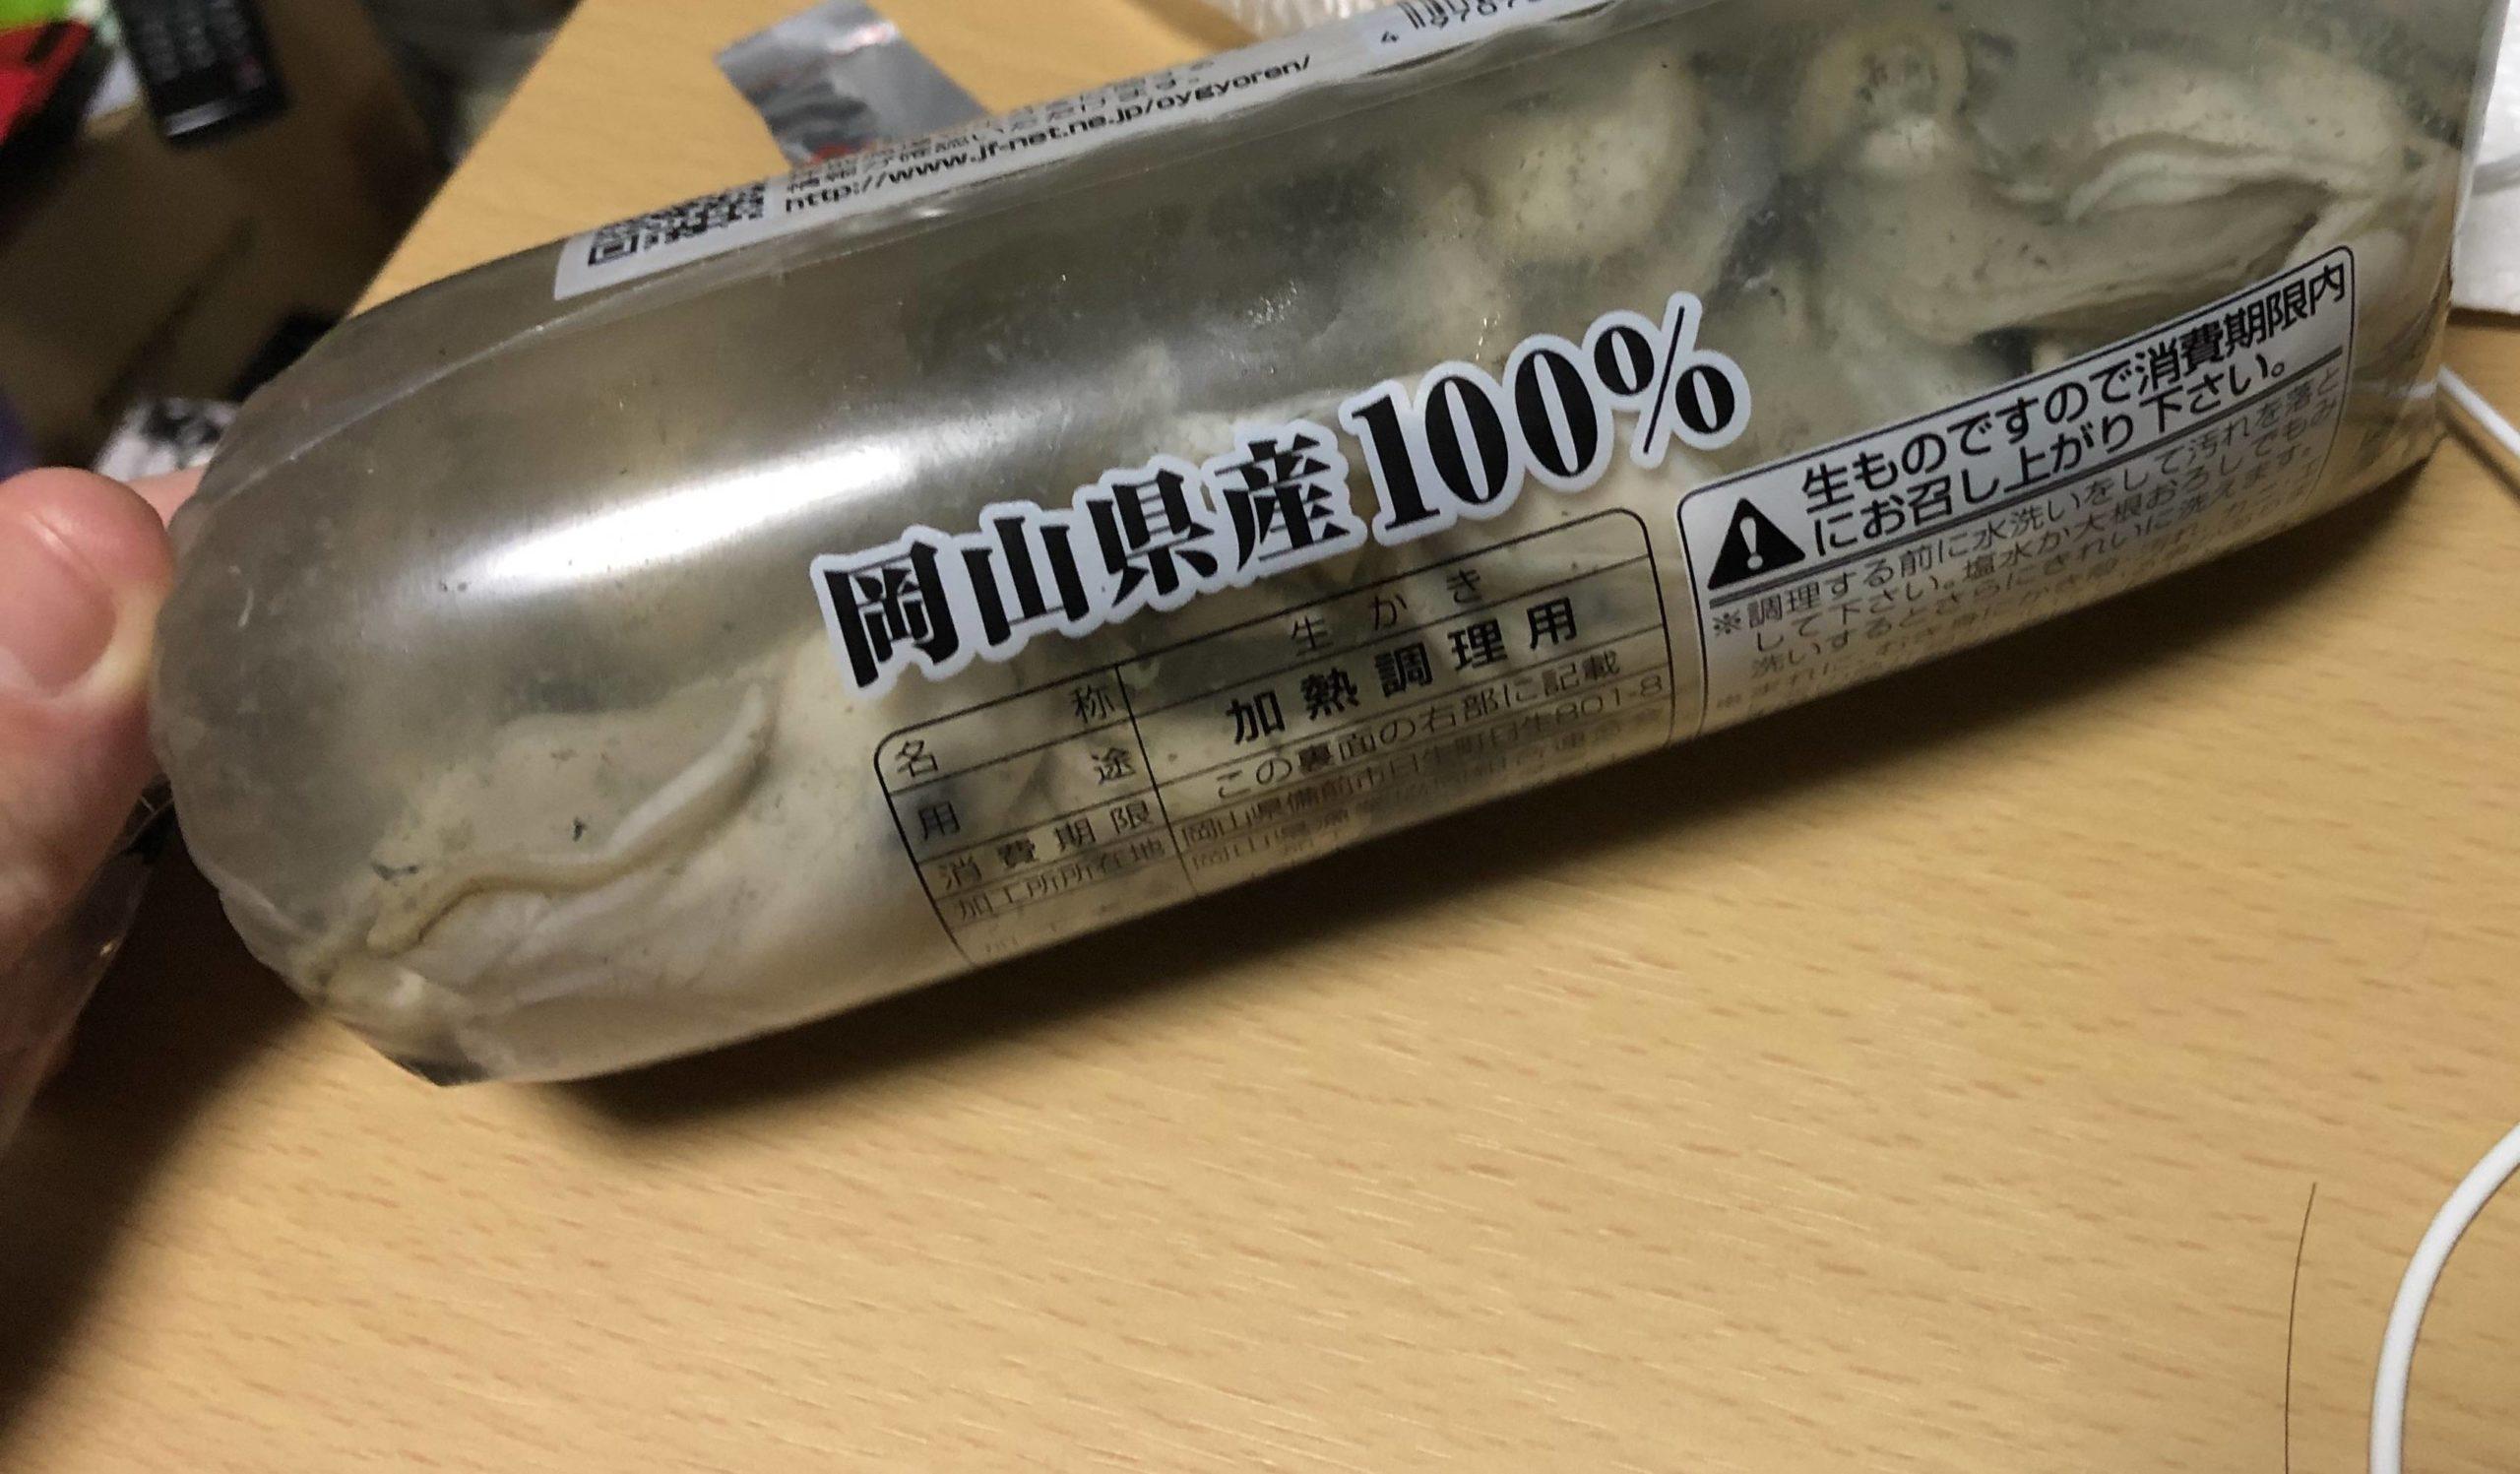 【画像あり】牡蠣買ってきたんだけどうまい食い方教えてwwwwwwwwwwww